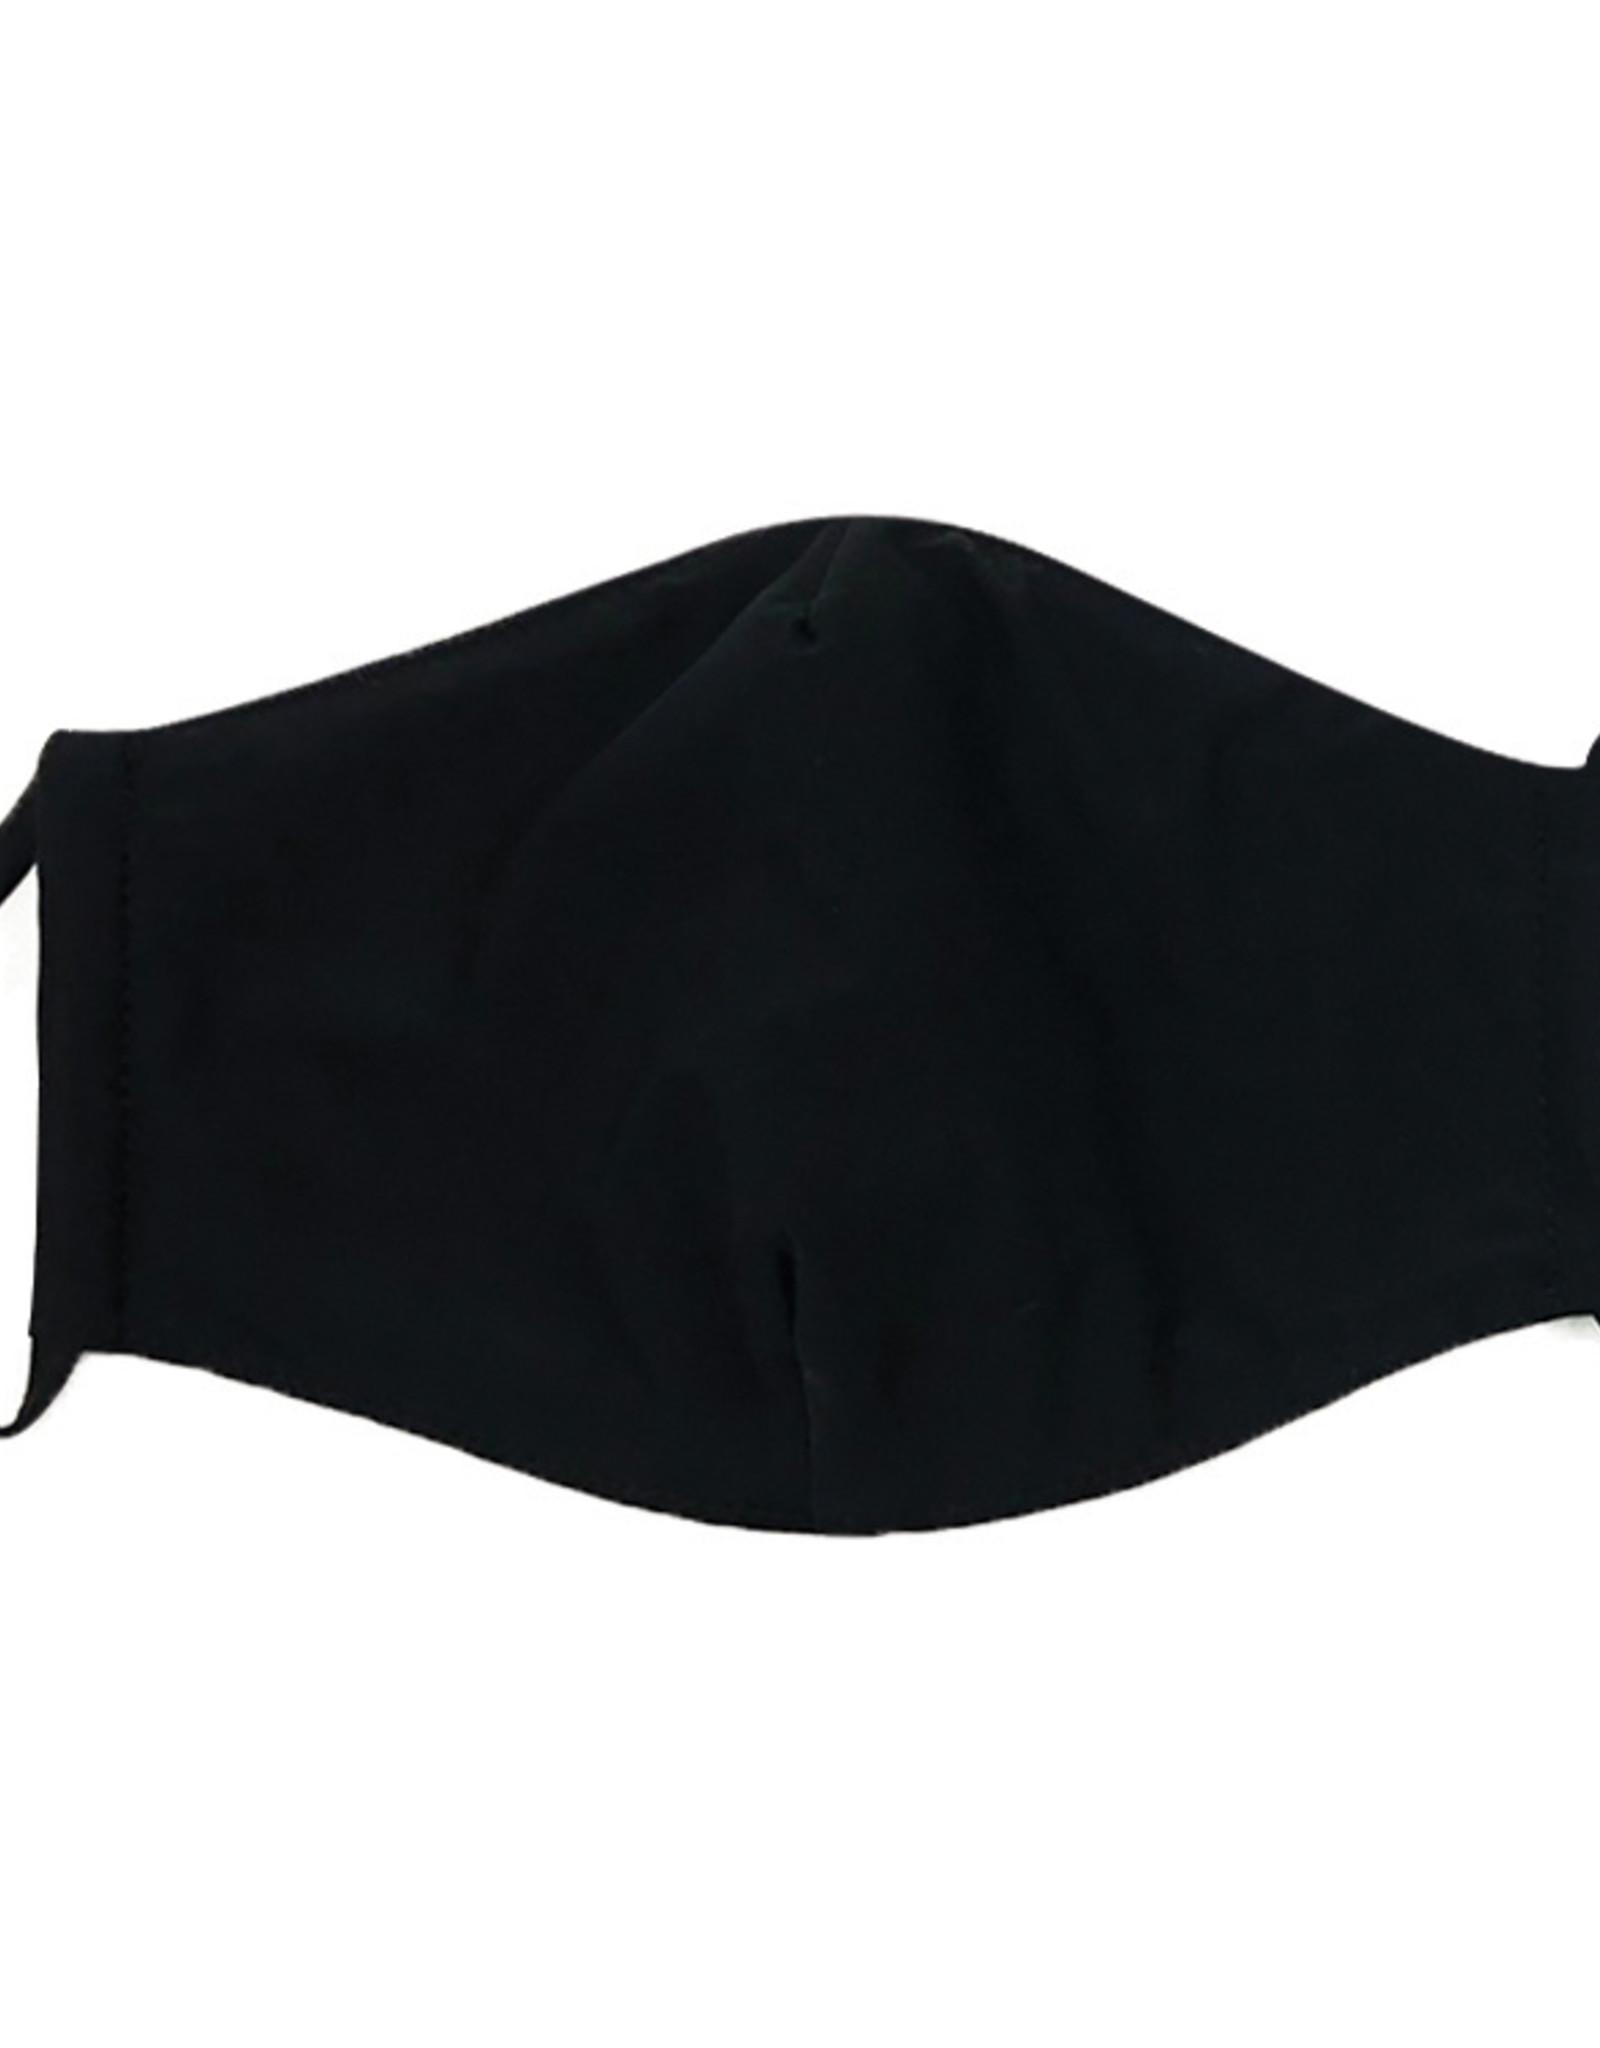 DM Merchandising Cotton Face Masks - Adjustable Straps - Solid Black